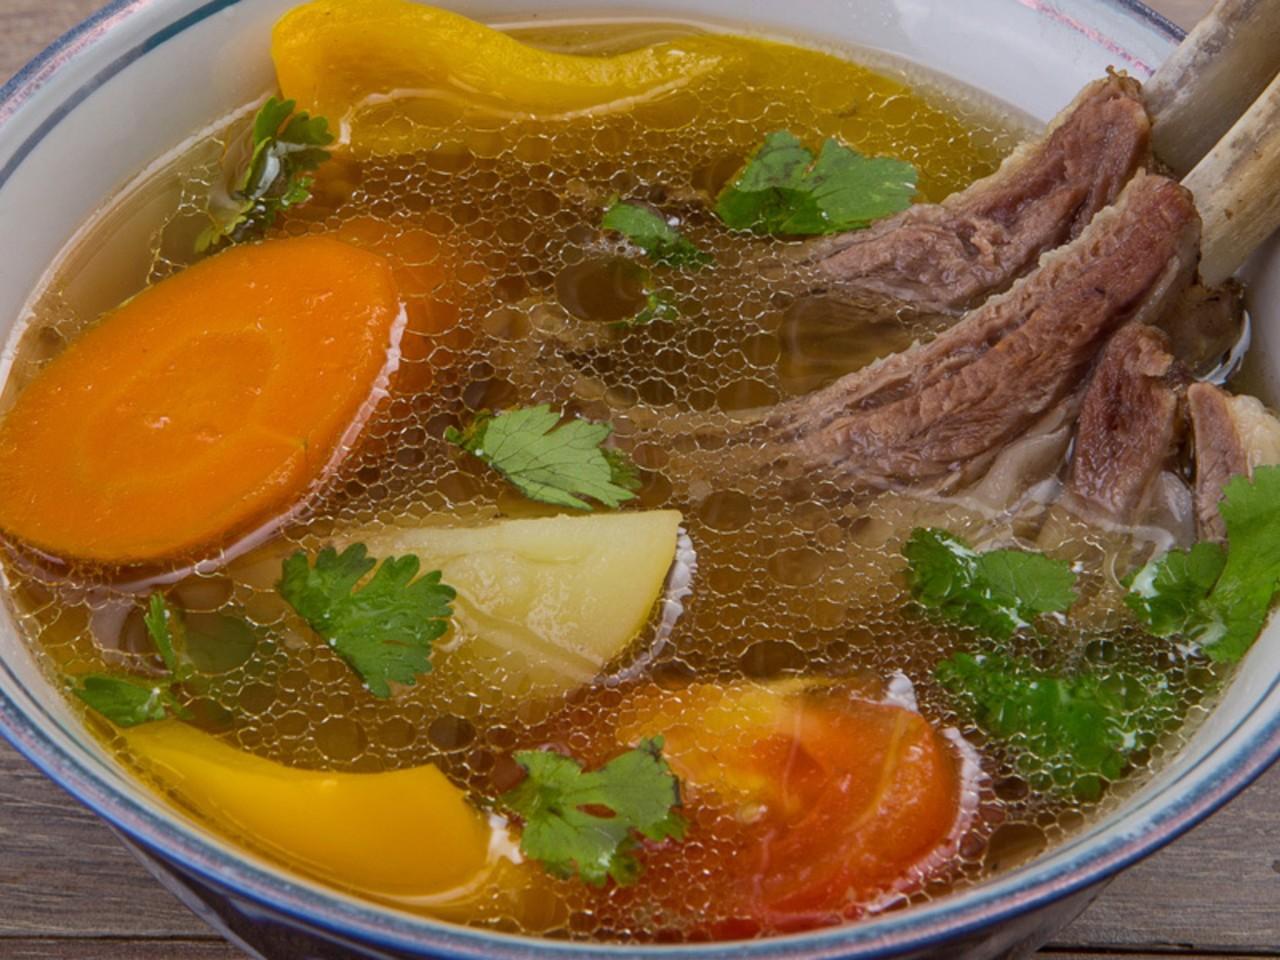 С праздником вкусного супа!